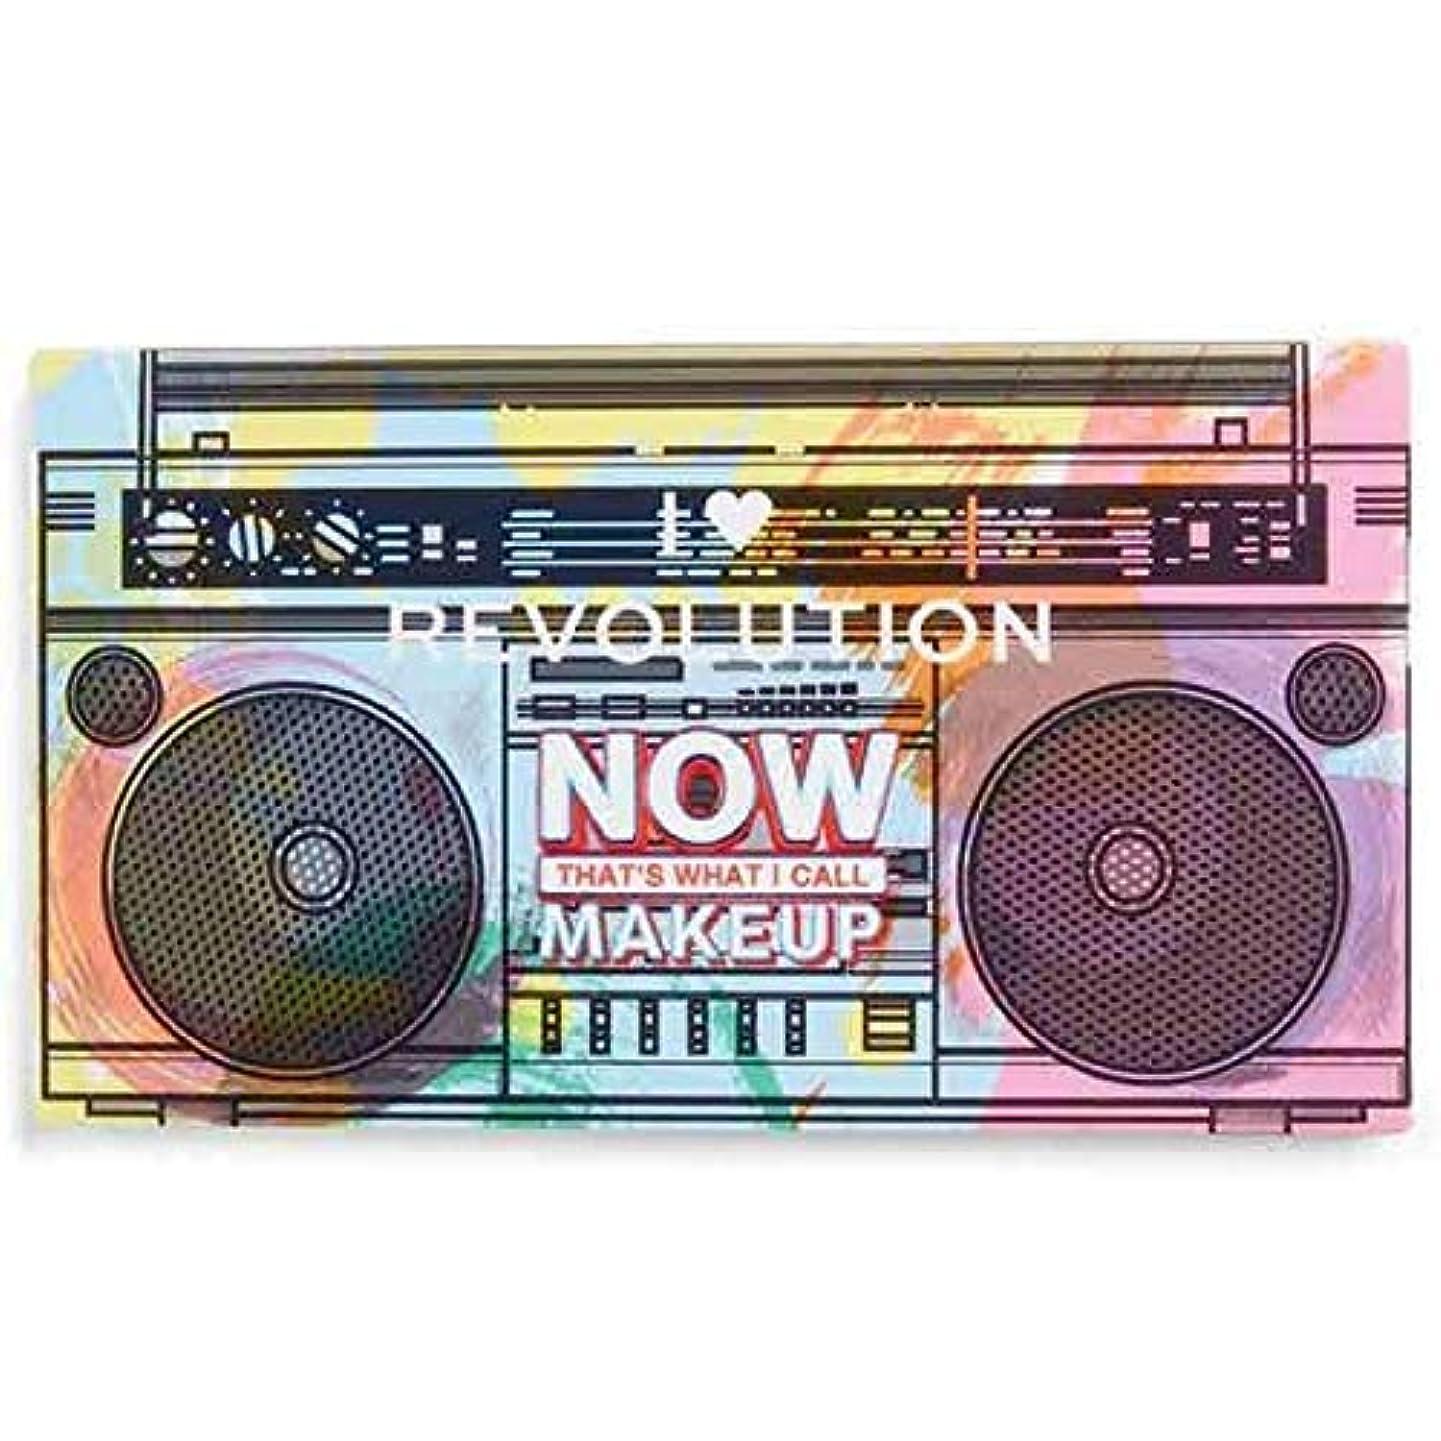 ハミングバードマルクス主義者重大[I Heart Revolution ] 私の心の革命は今、それは私がメイク90年代を呼びました - I Heart Revolution NOW That's What I Call Makeup 90's [並行輸入品]